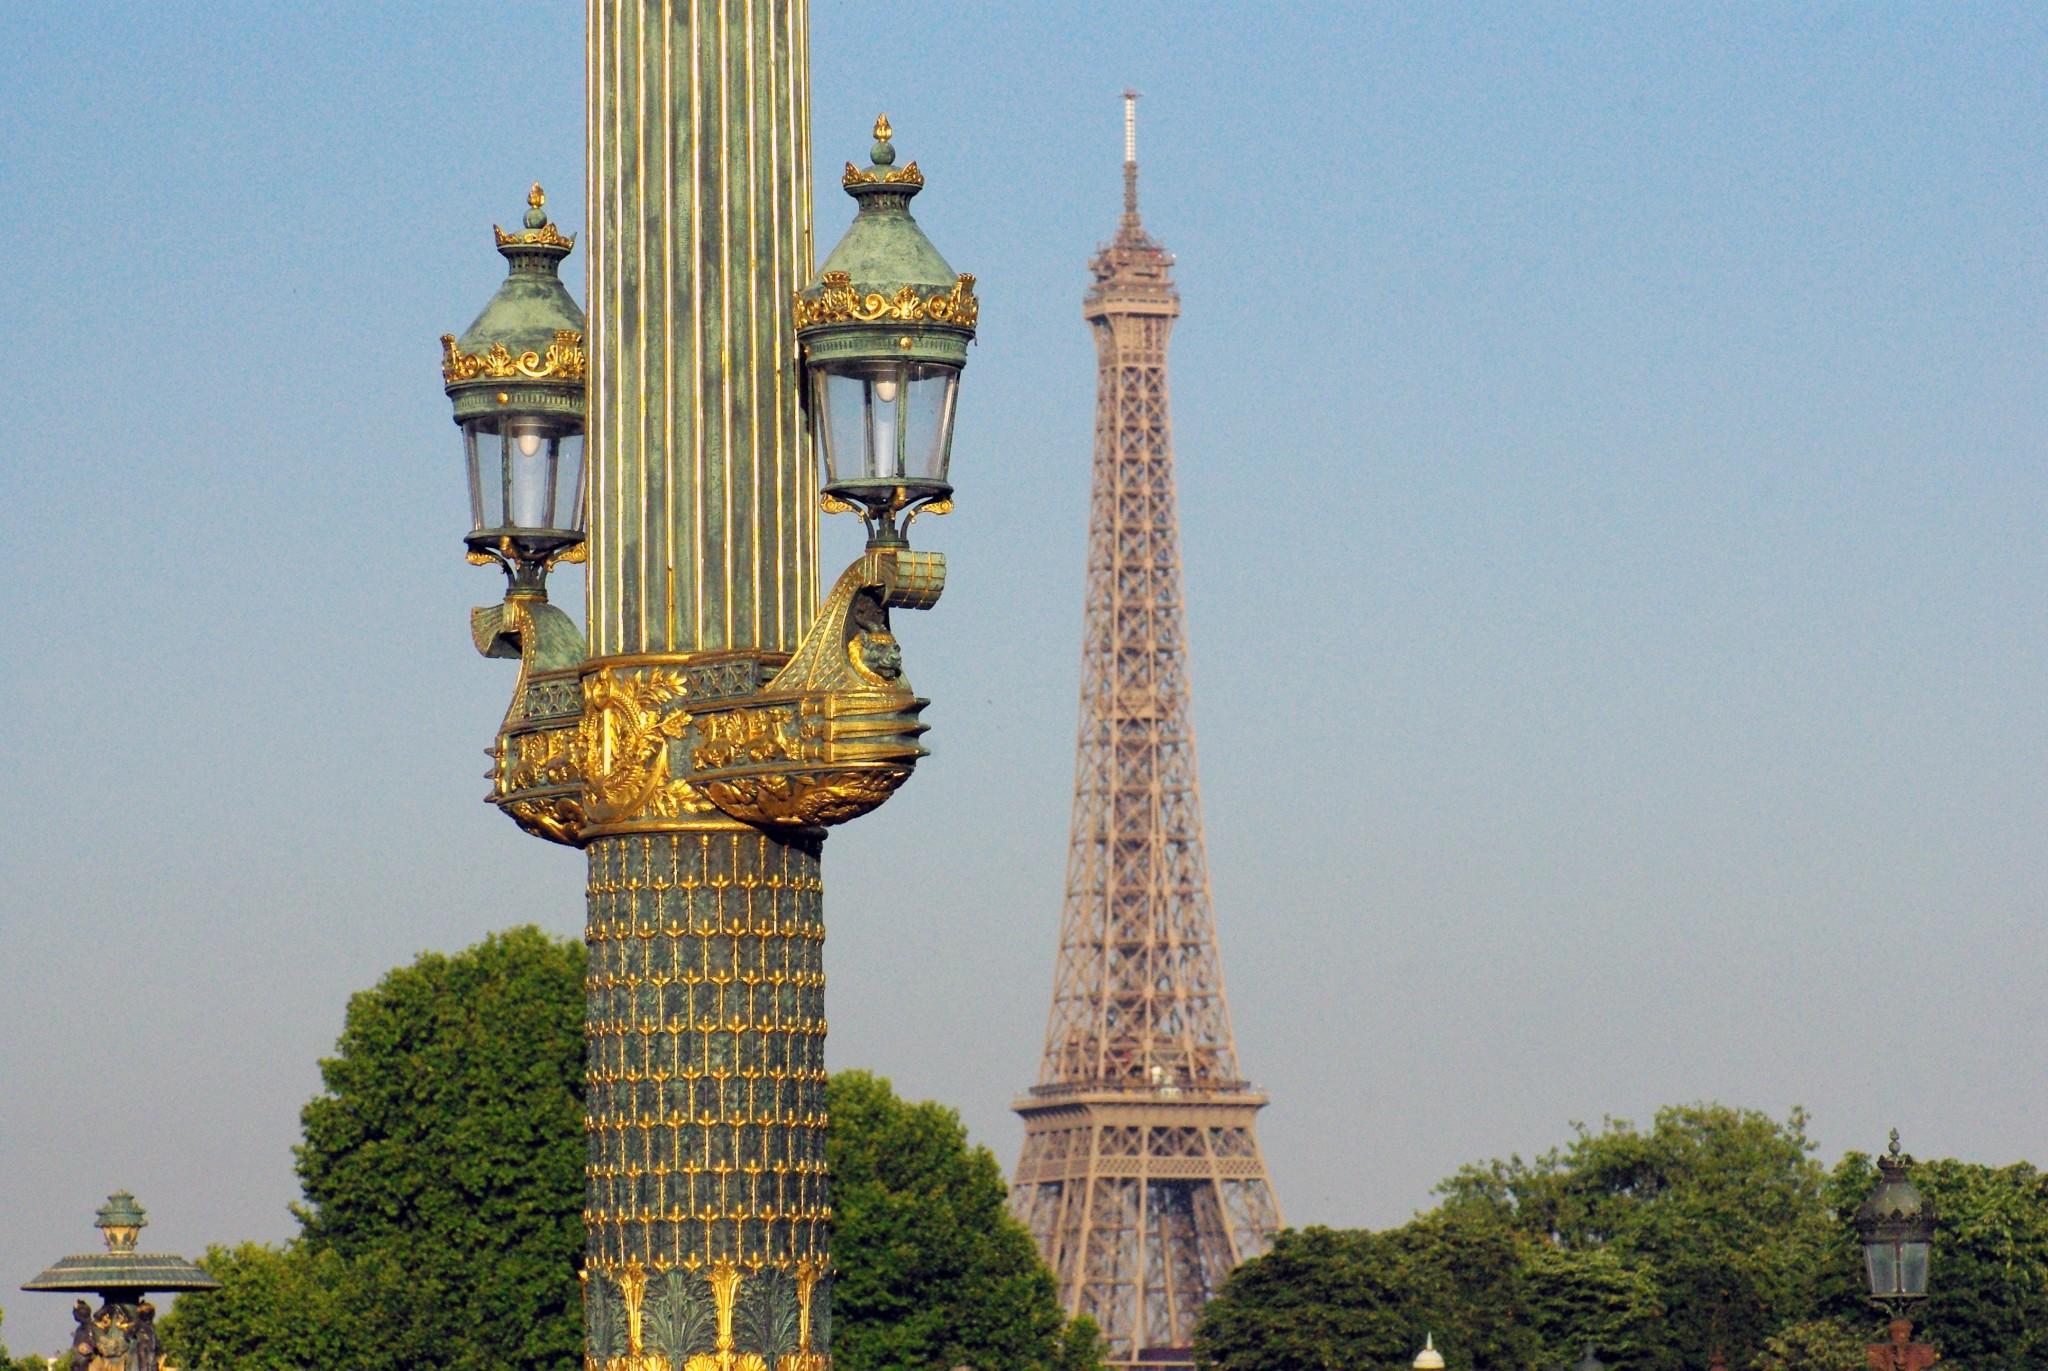 Lamp Posts of Paris: Place de la Concorde © French Moments